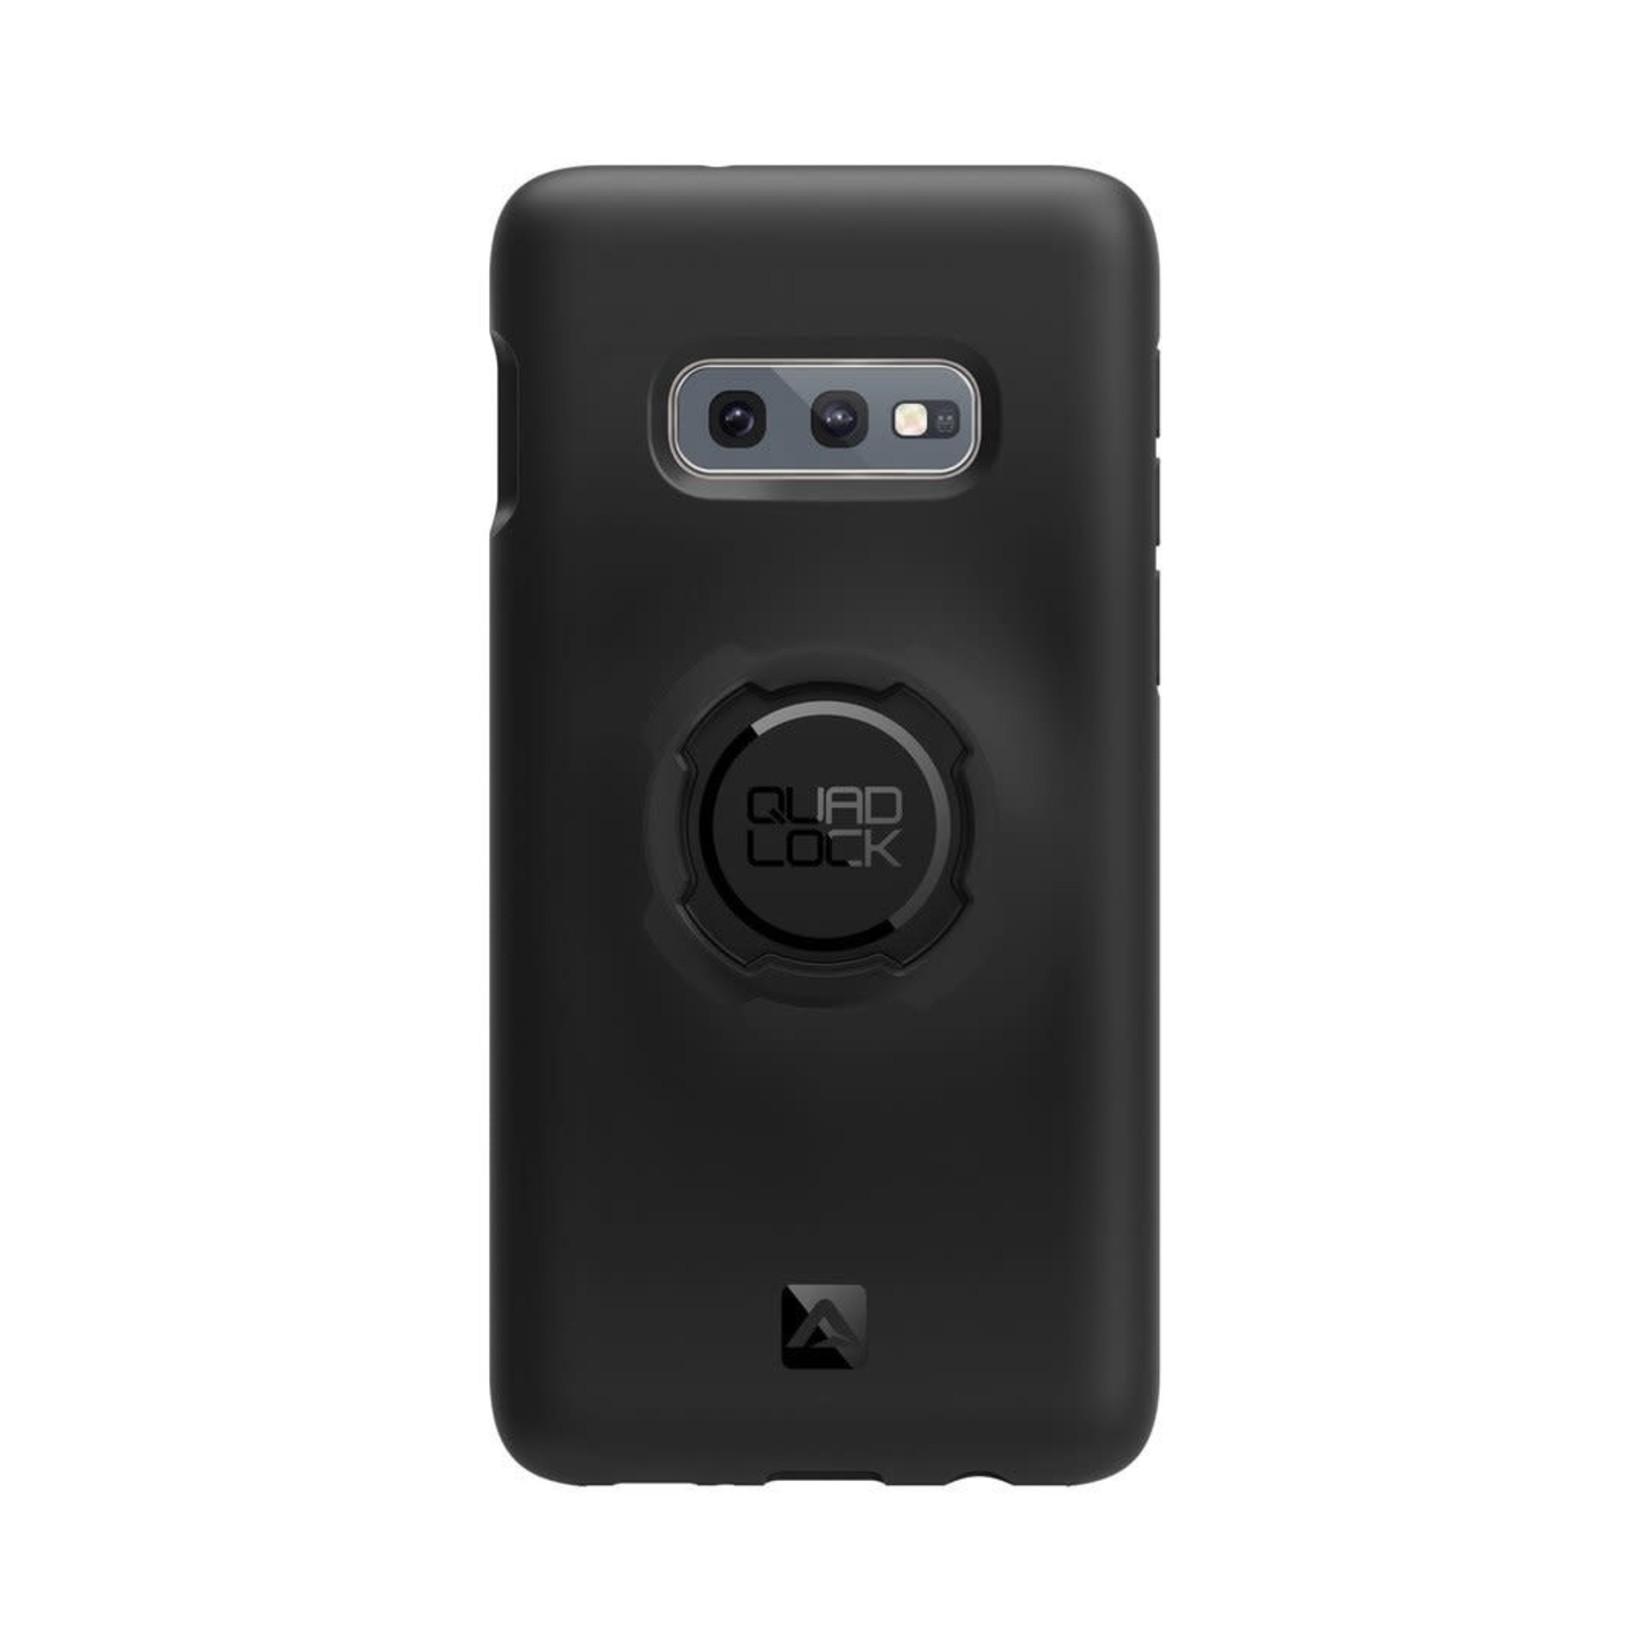 Quadlock Quad Lock - Case Samsung Galaxy S10e